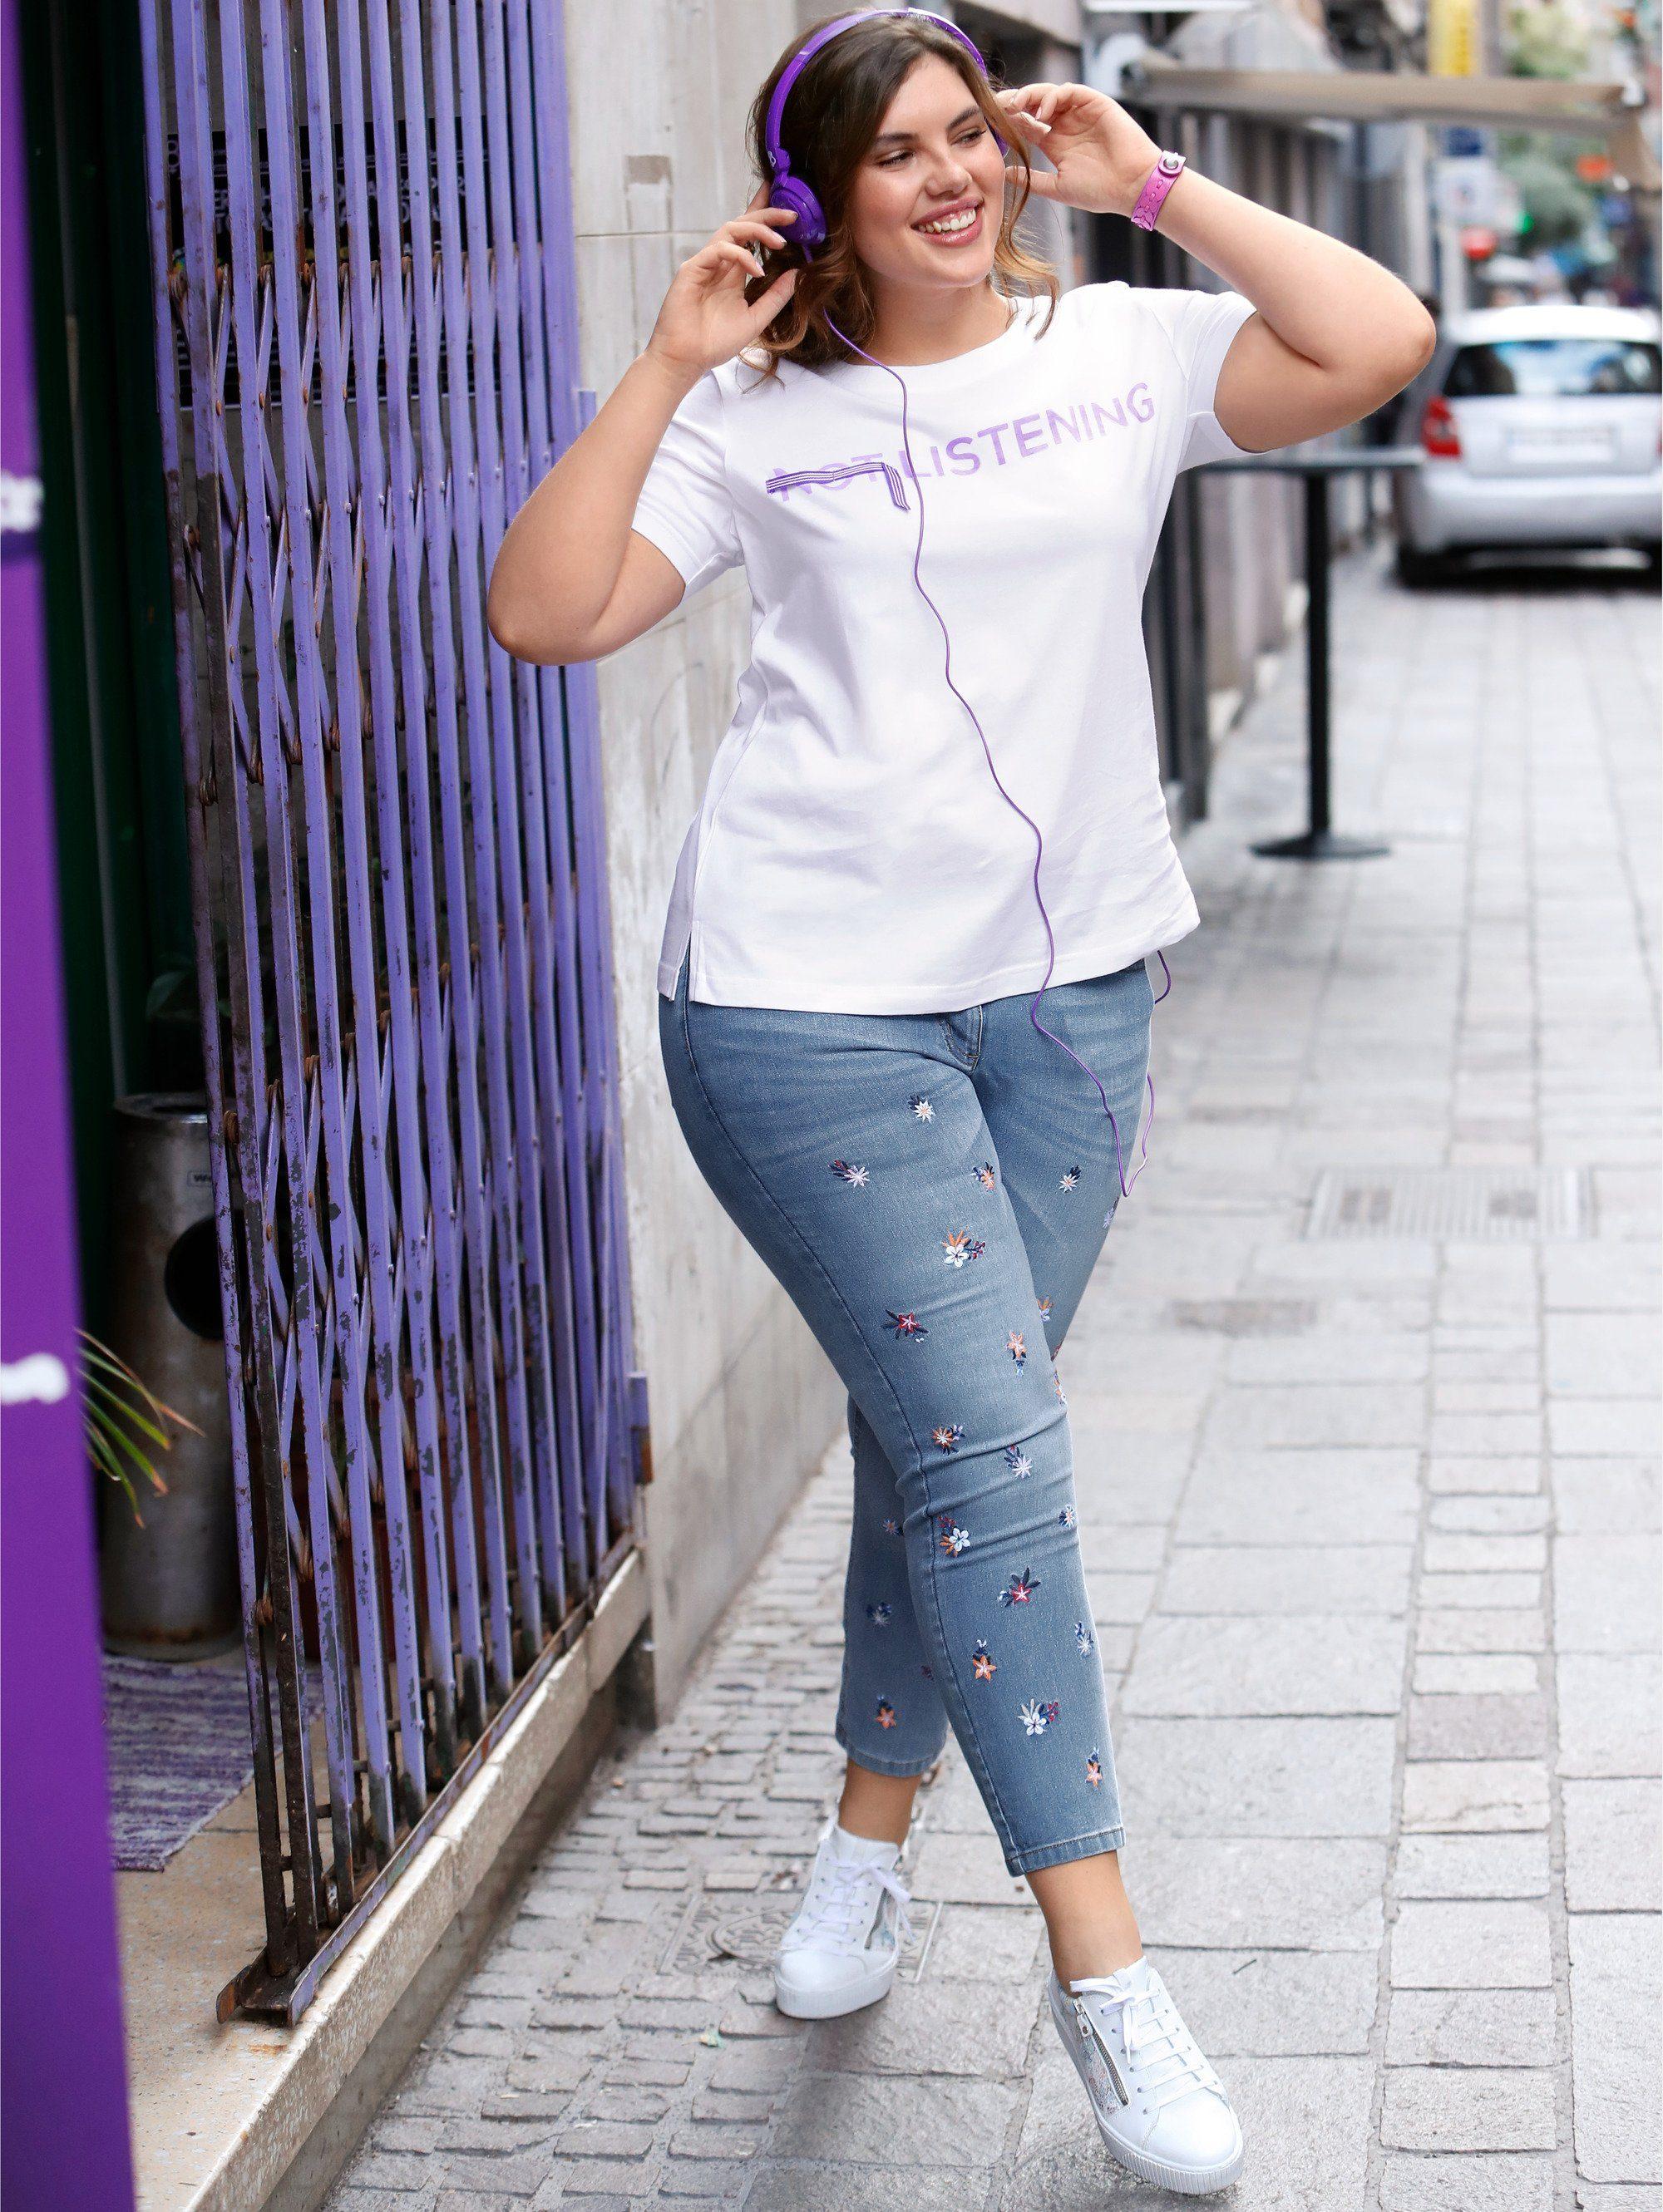 Size Jeans Knöchellang Slim By Happy Of Stickerei Style Mit Fit Online Kaufen Angel TluF1Jc3K